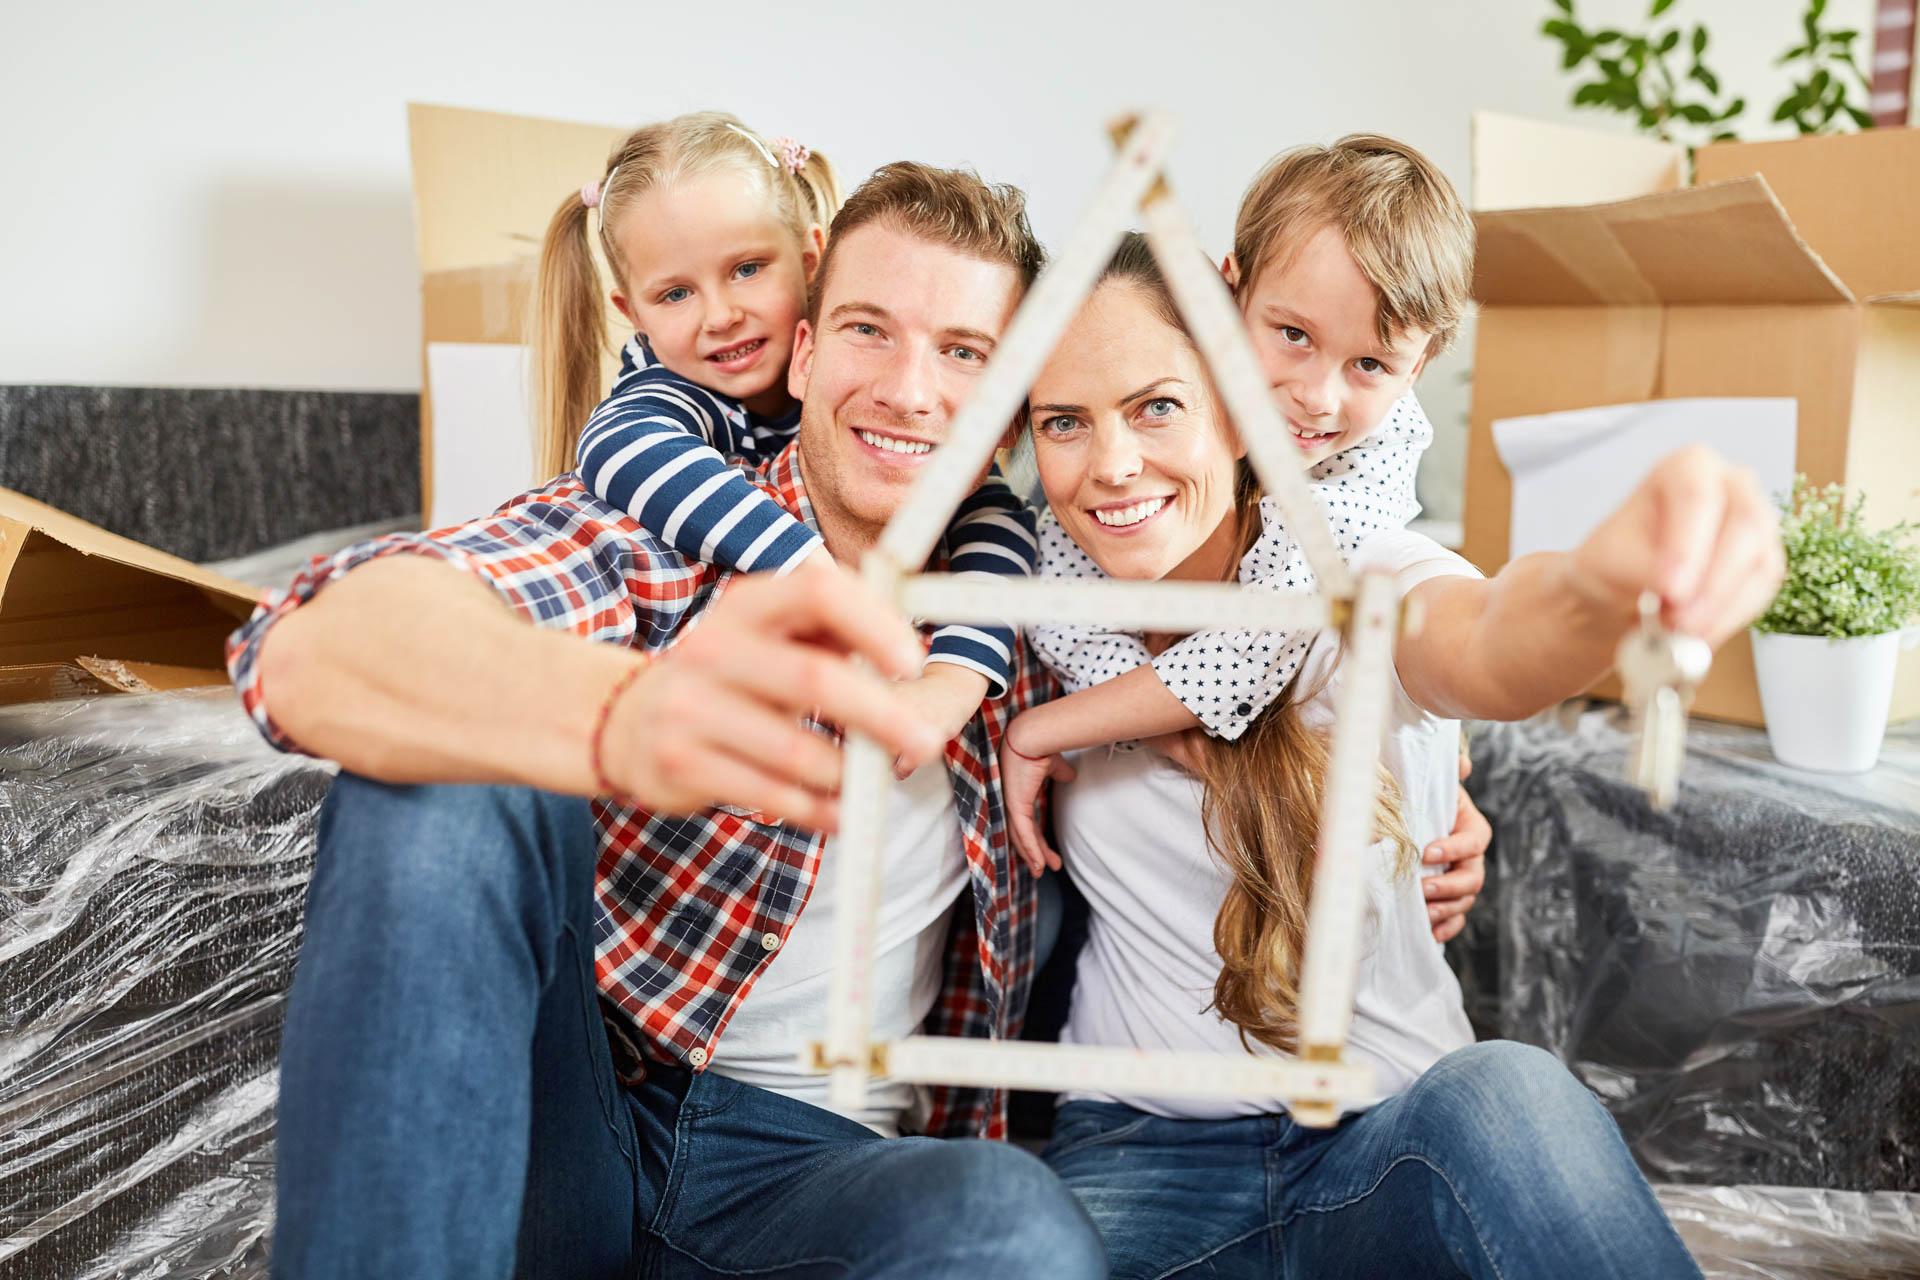 Familie und Kinder mit Zollstock in Form von Haus als Symbol für ihr Traumhaus